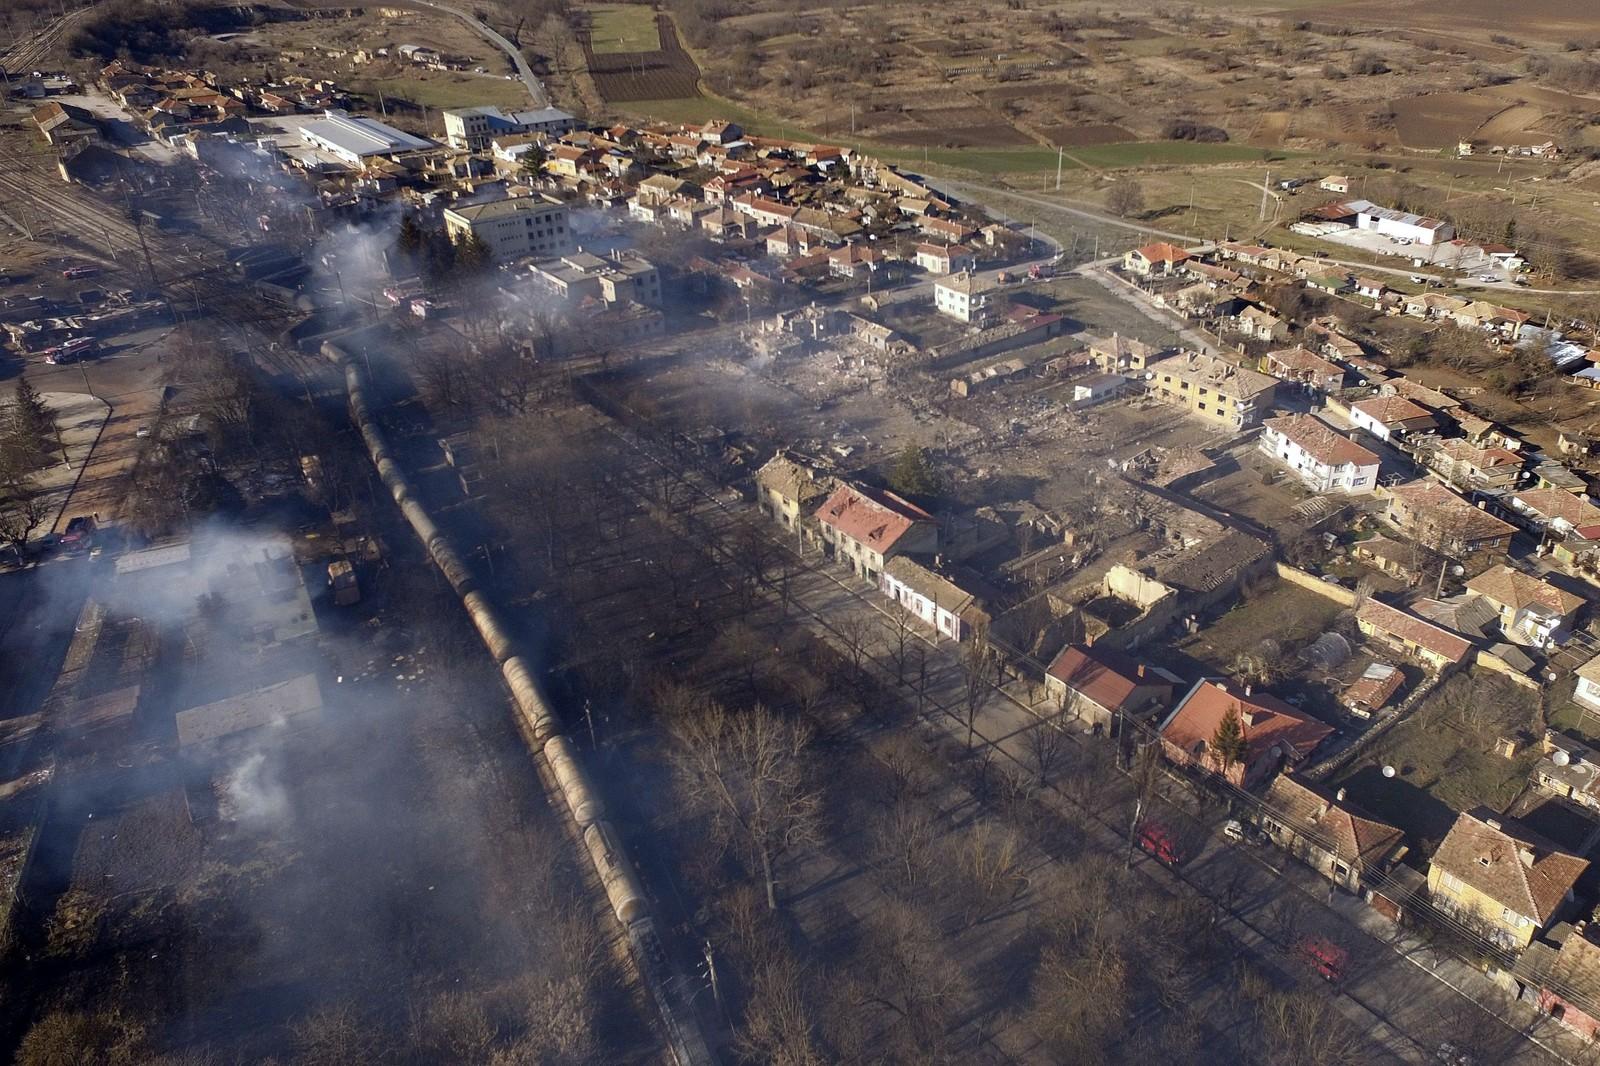 Et luftfoto tatt 10. desember av byen Hitrino viser hvor toget sporet av og eksploderte.